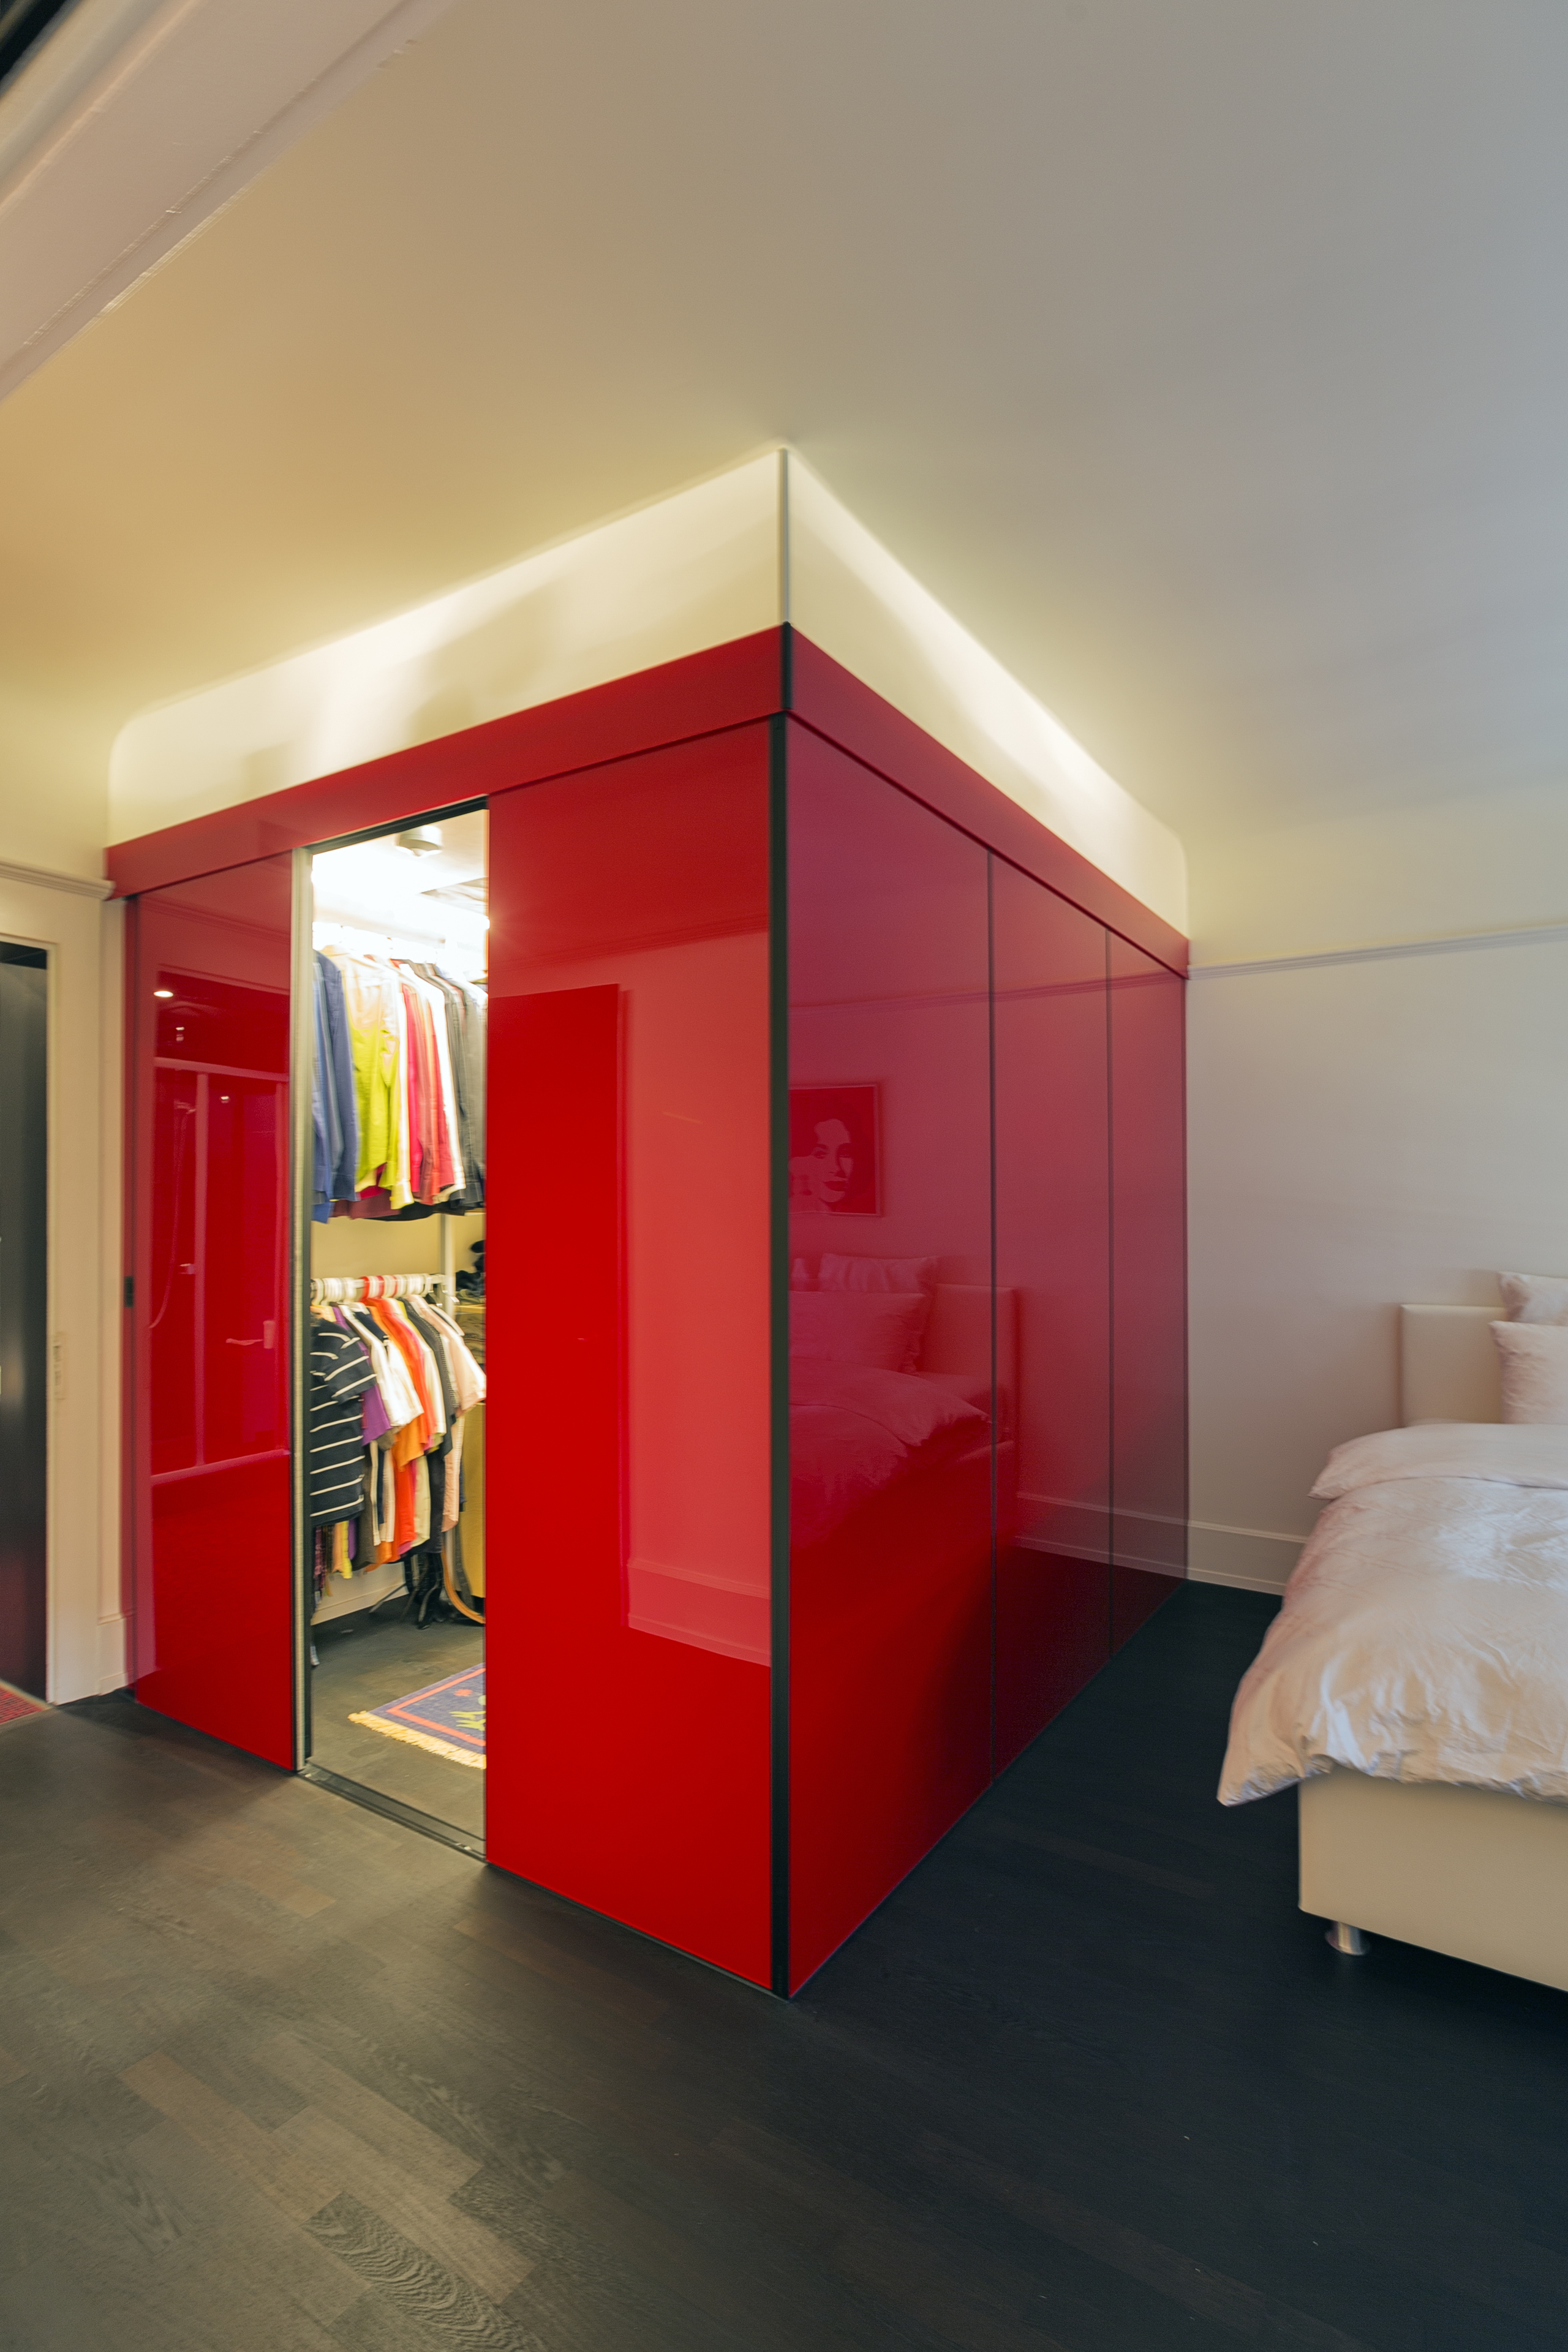 schrank ber eck als begehbare ankleide in hochrotem acrylglas mit oberlicht auf zu. Black Bedroom Furniture Sets. Home Design Ideas